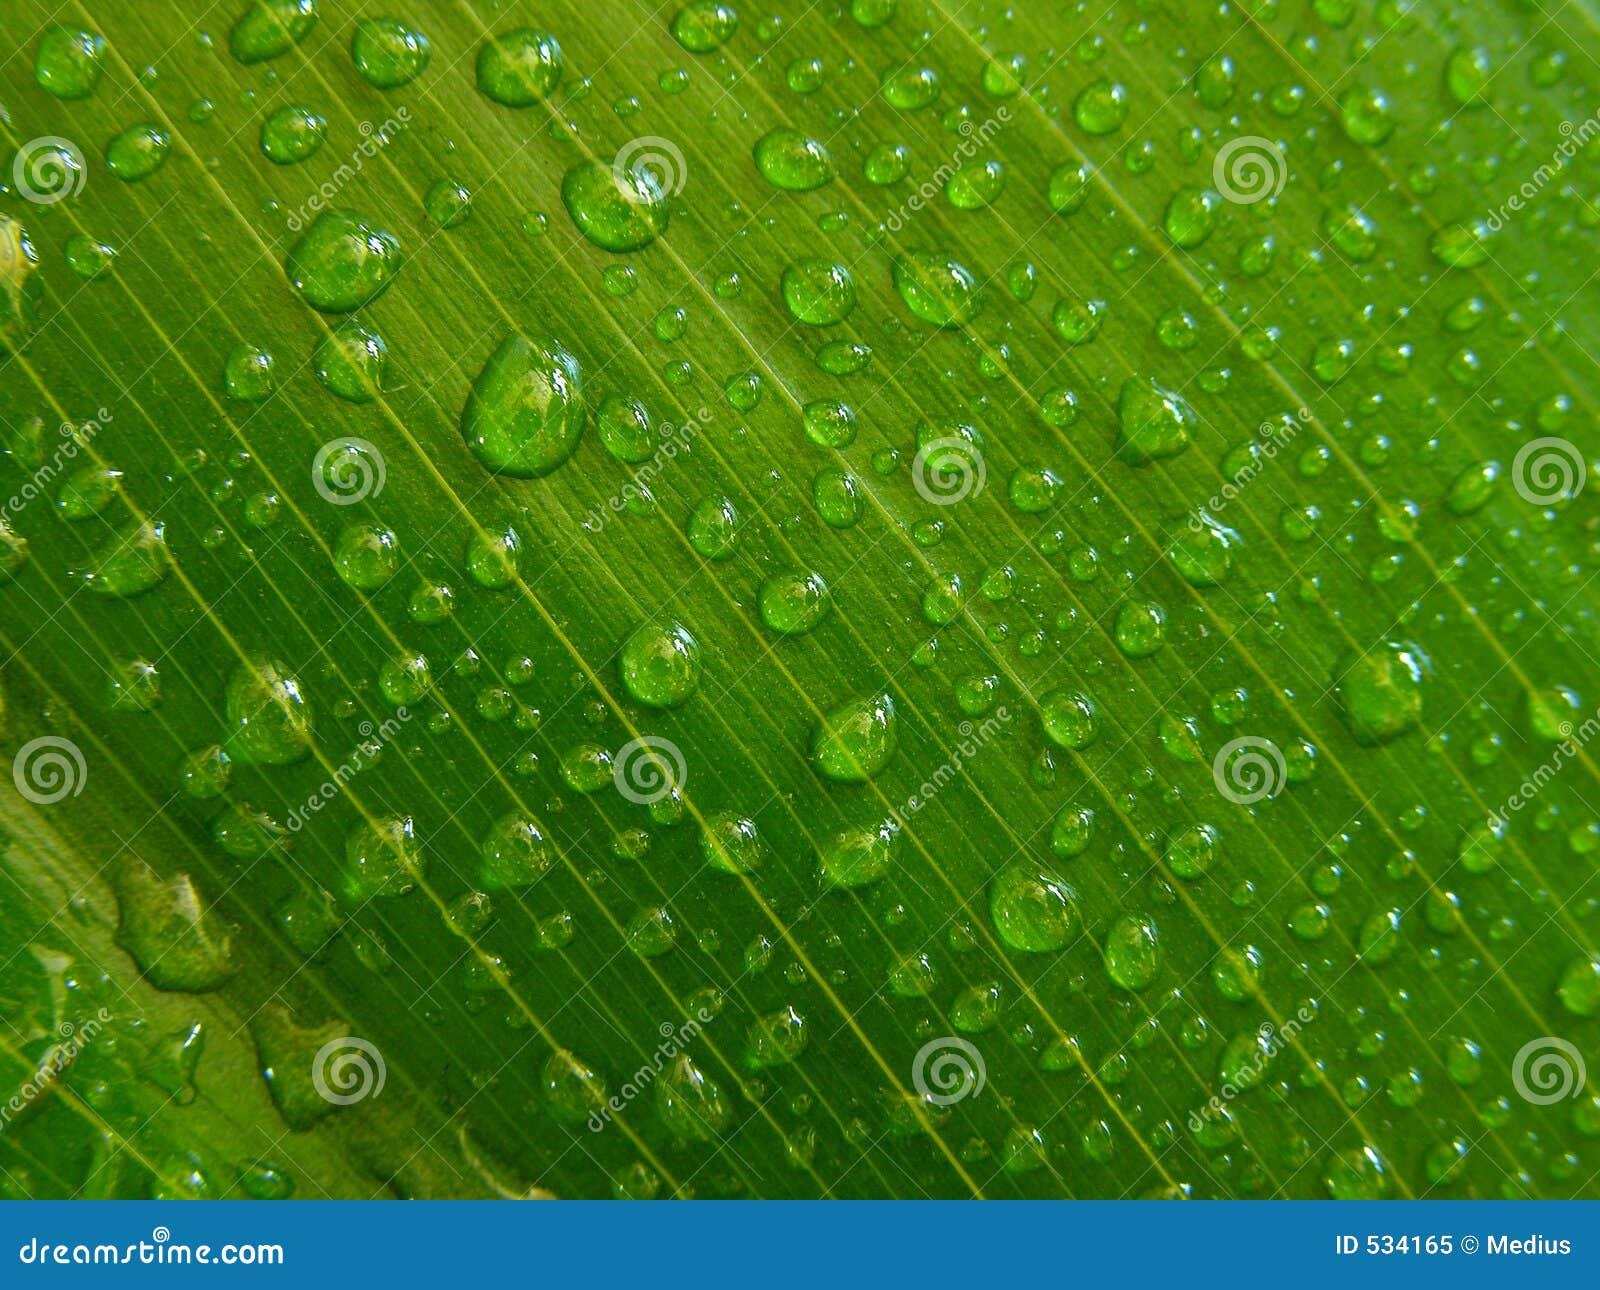 Download 小滴绿色叶子水 库存图片. 图片 包括有 模式, 绿色, 宏指令, 薄雾, 降露, 春天, 早晨, 盖子, 事假 - 534165